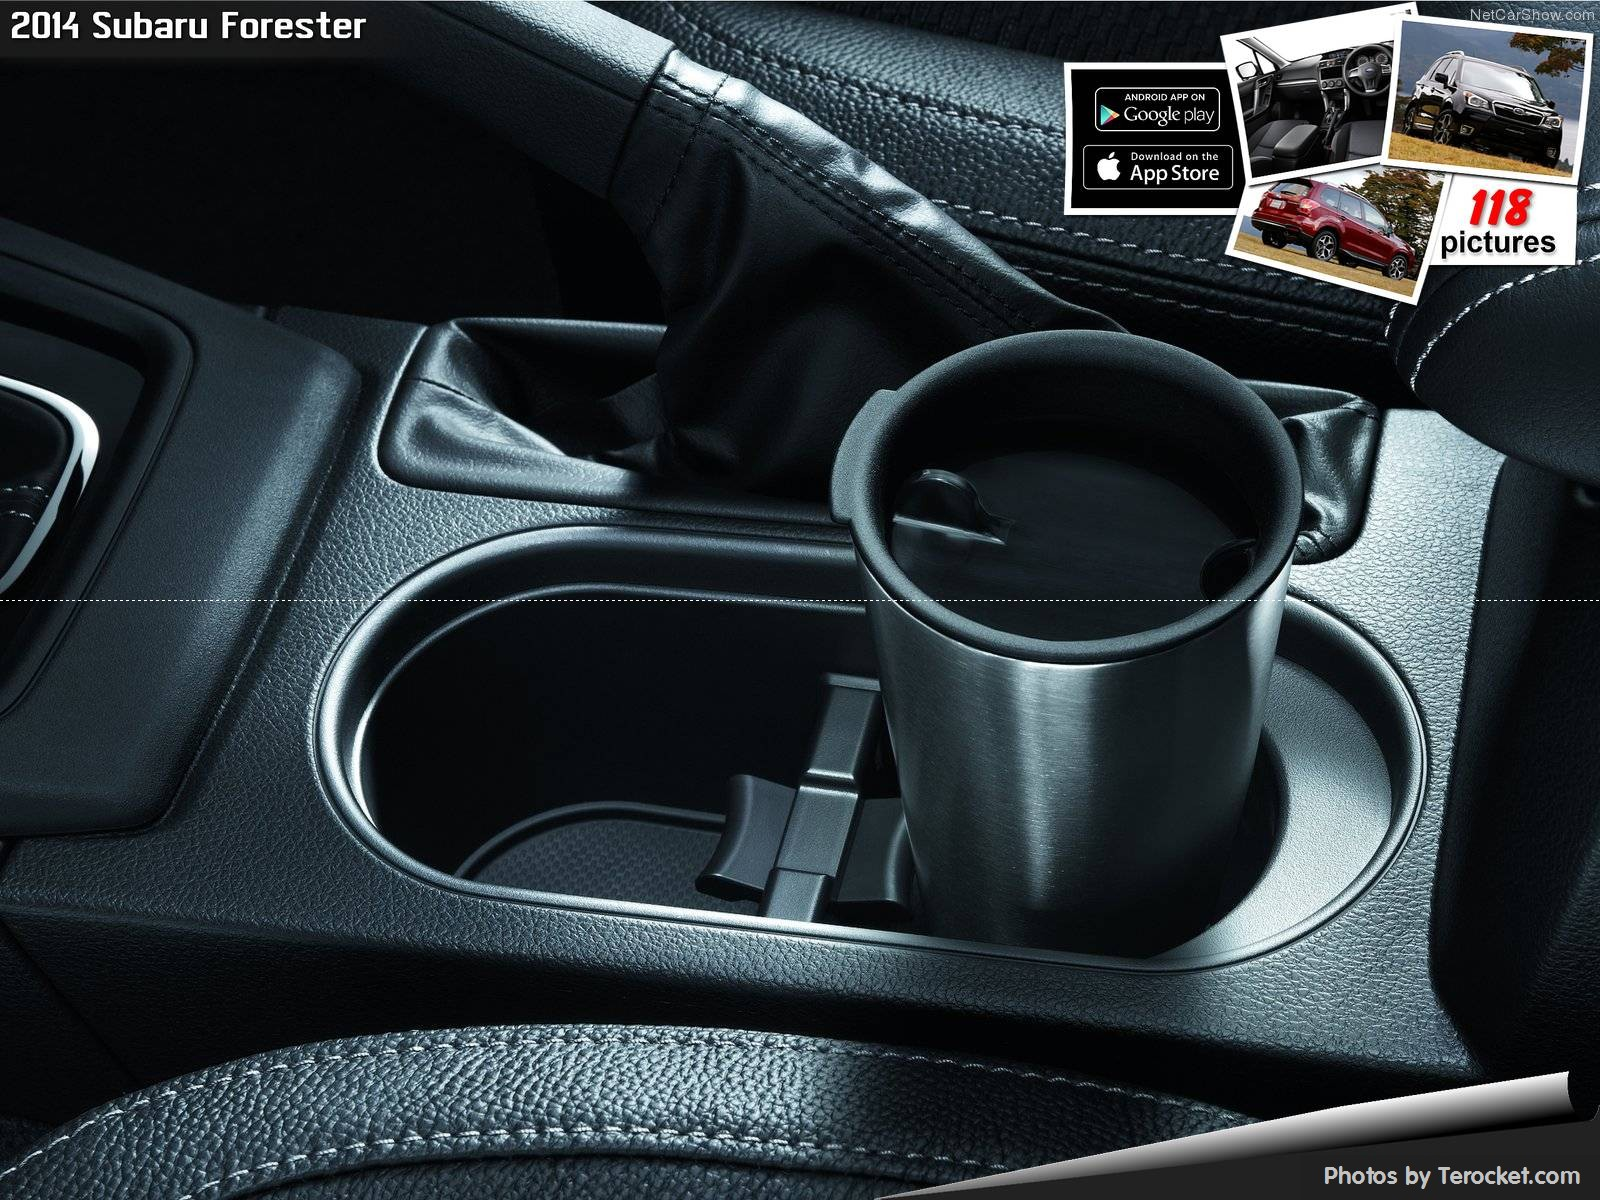 Hình ảnh xe ô tô Subaru Forester 2014 & nội ngoại thất